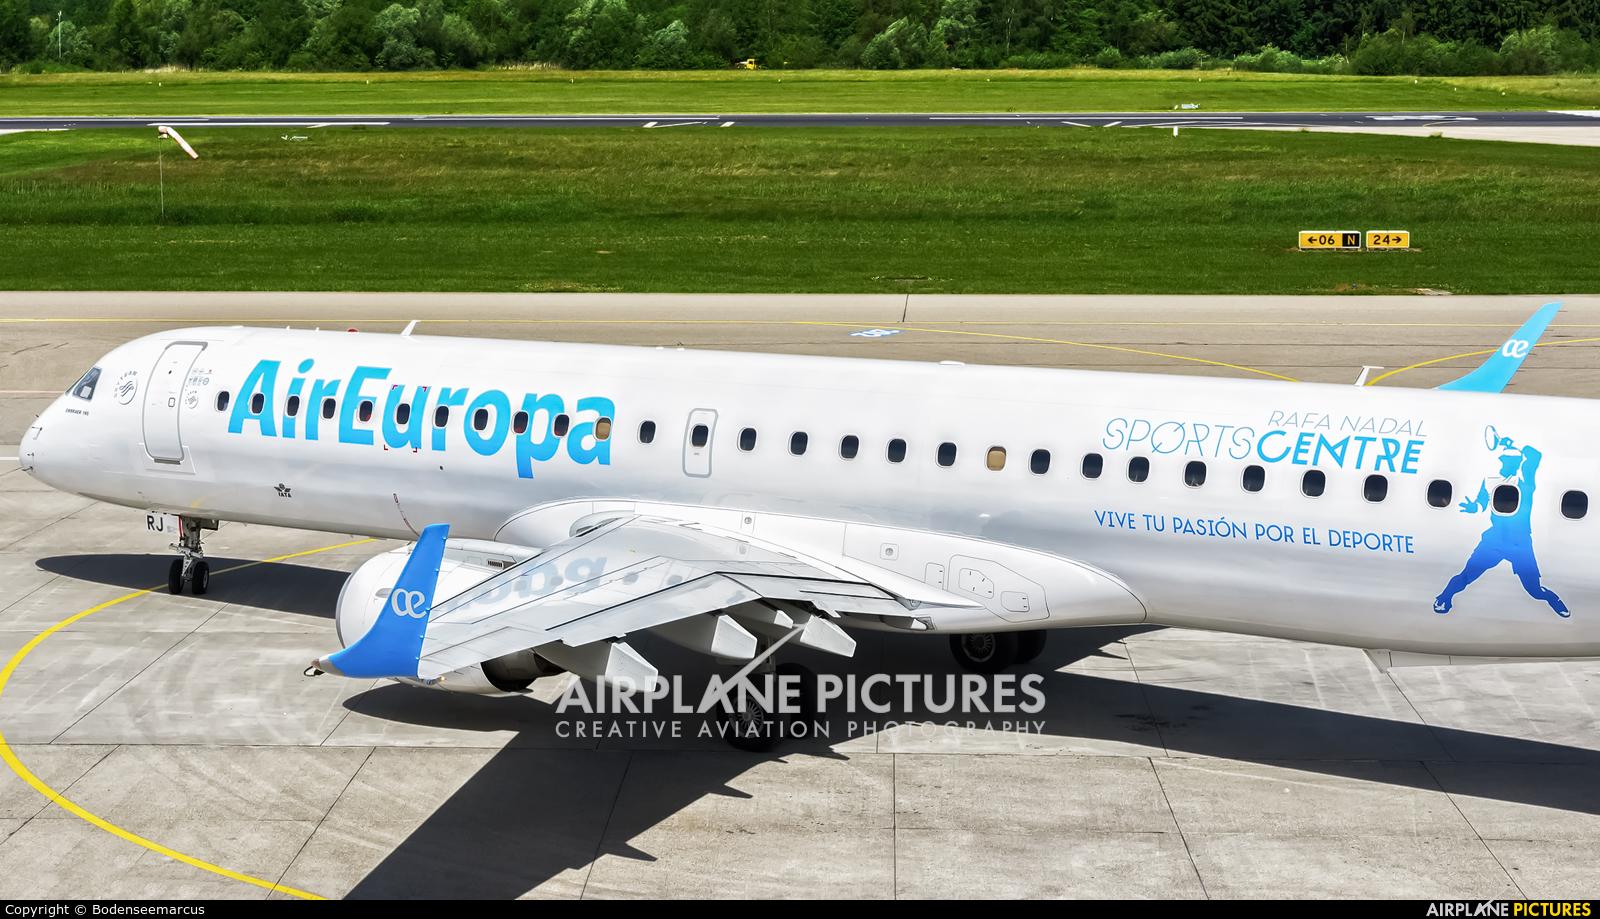 Air Europa EC-KRJ aircraft at Friedrichshafen